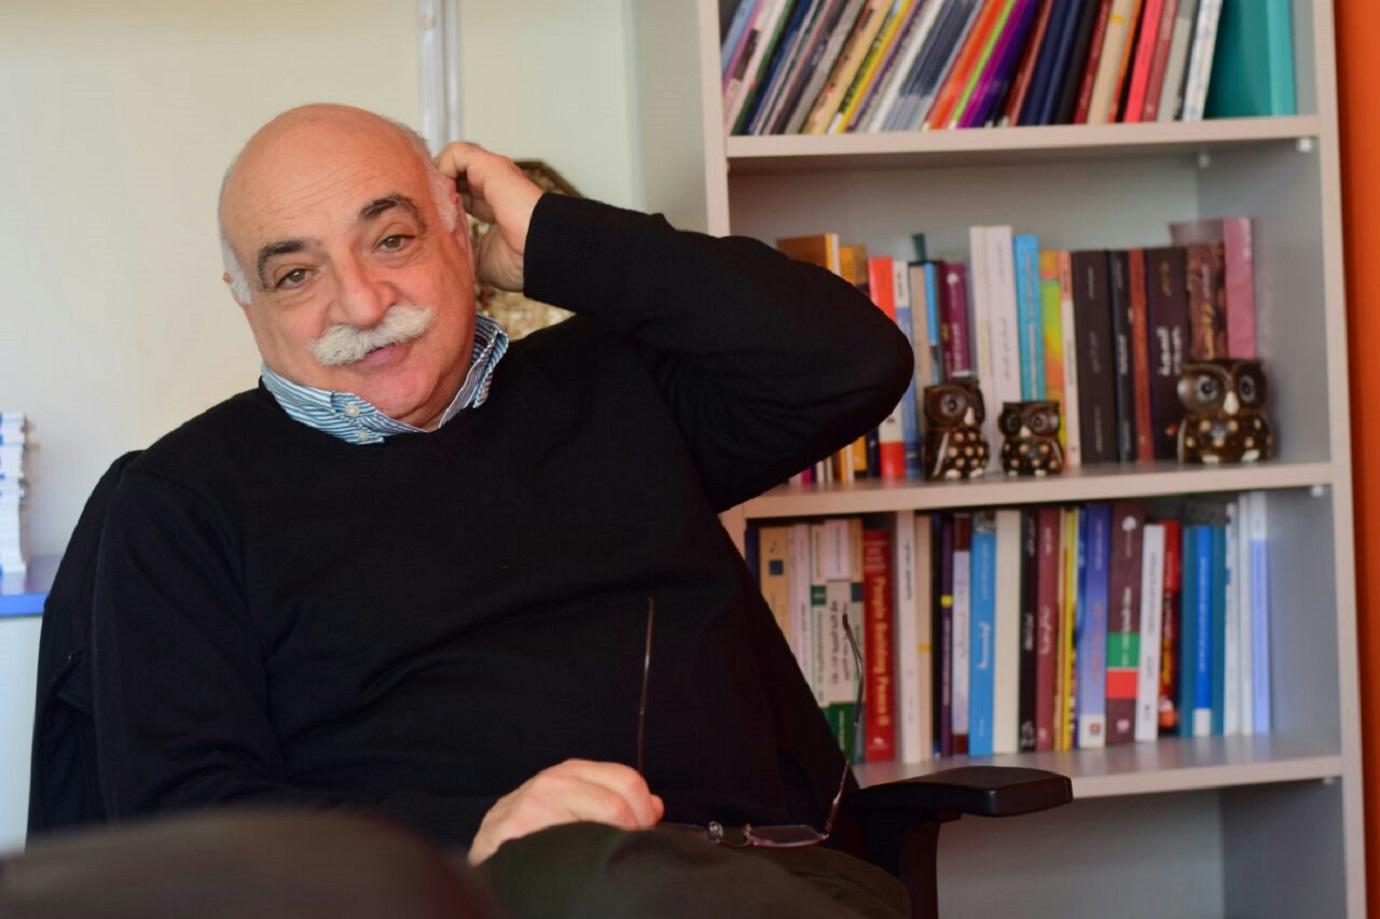 حسان عباس: الموسيقى فعل مقاوم للاستبداد